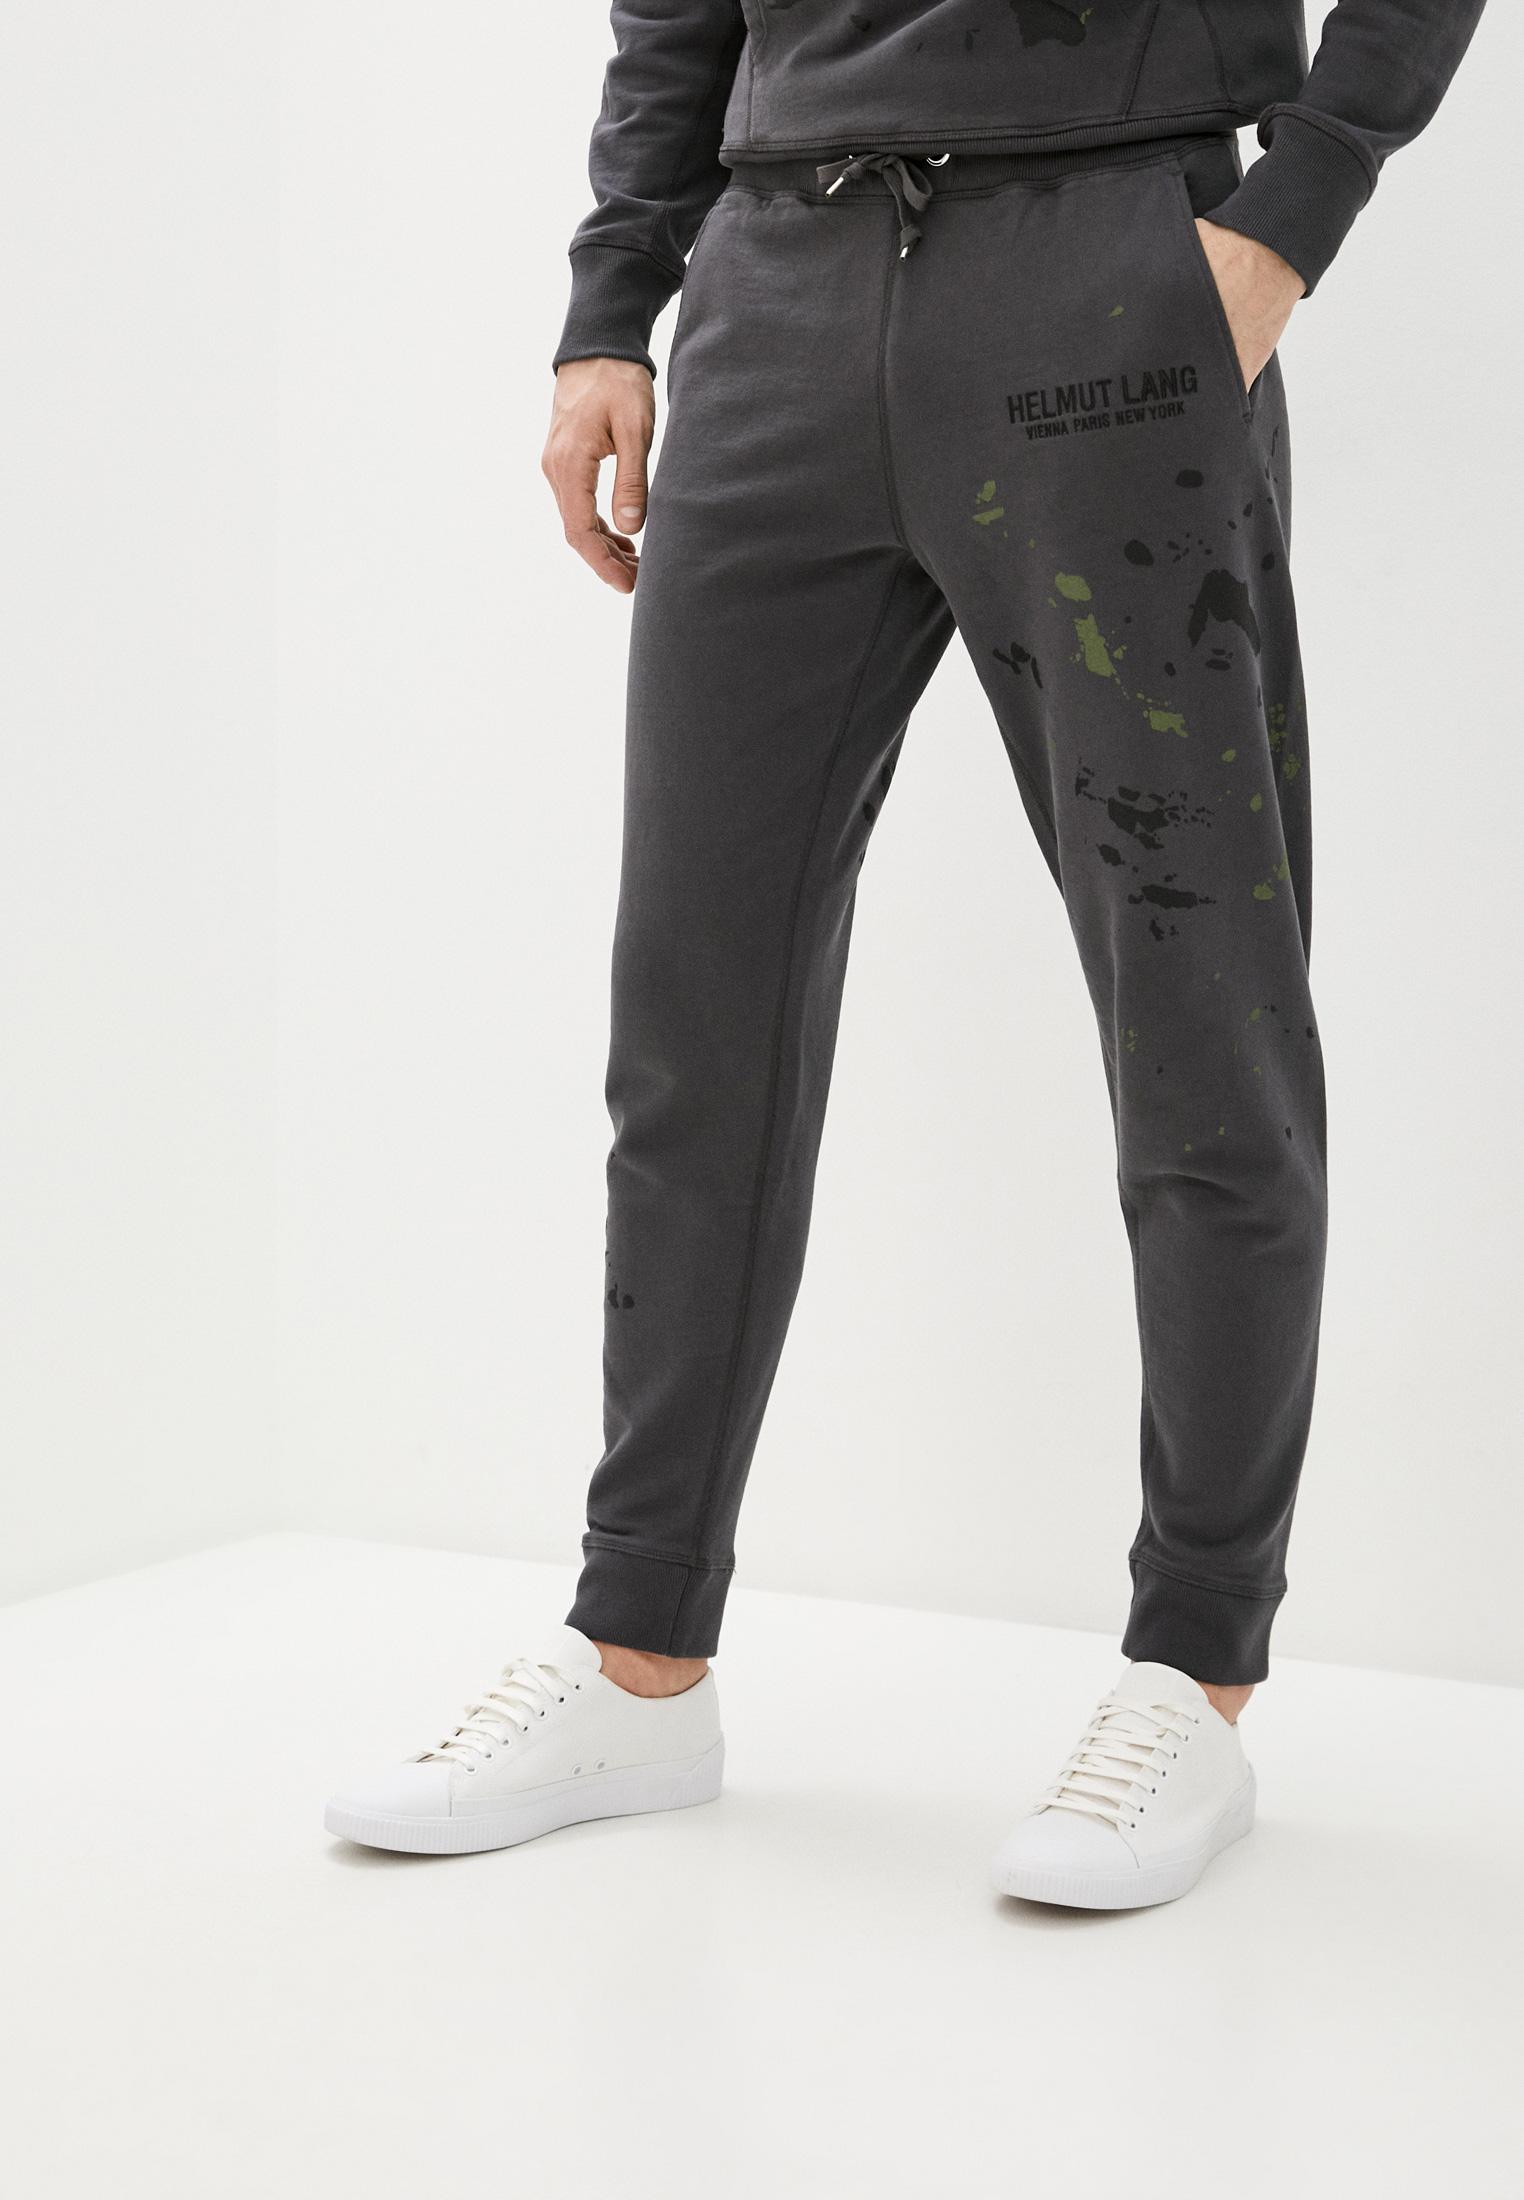 Мужские спортивные брюки Helmut Lang (Хельмут Ланг) K02DM204